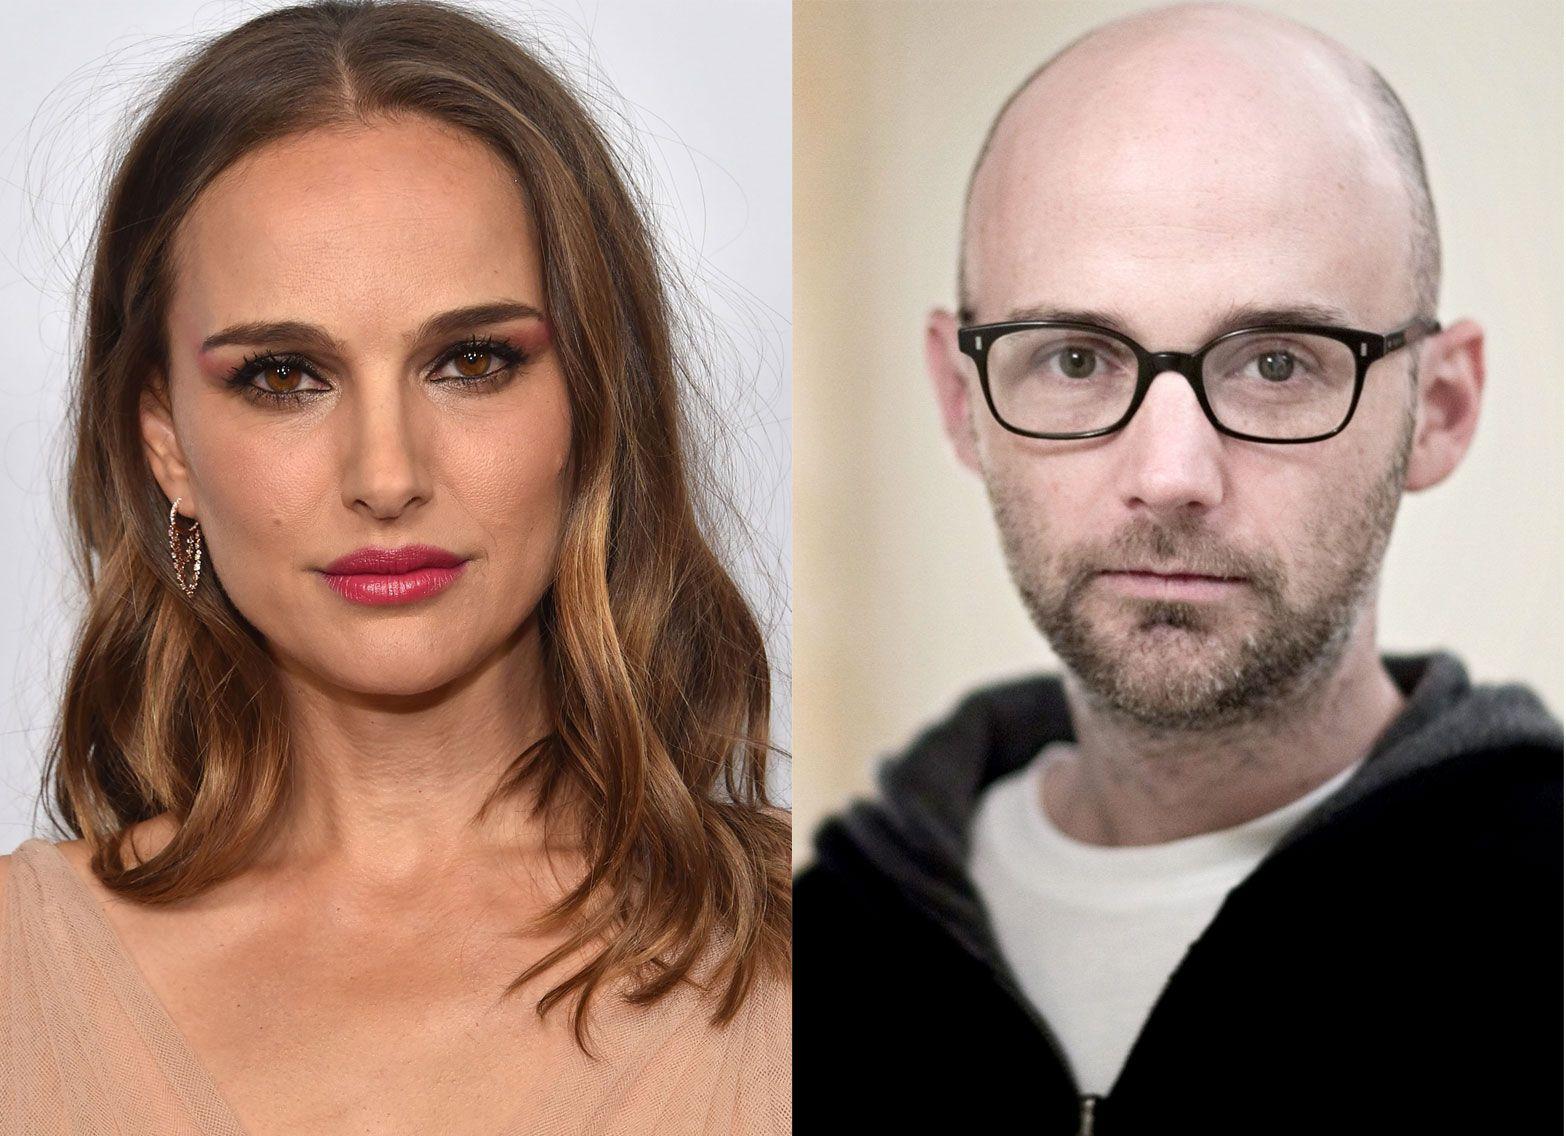 DISPUTT: Natalie Portman og Moby, her begge avbildet for en tid siden.